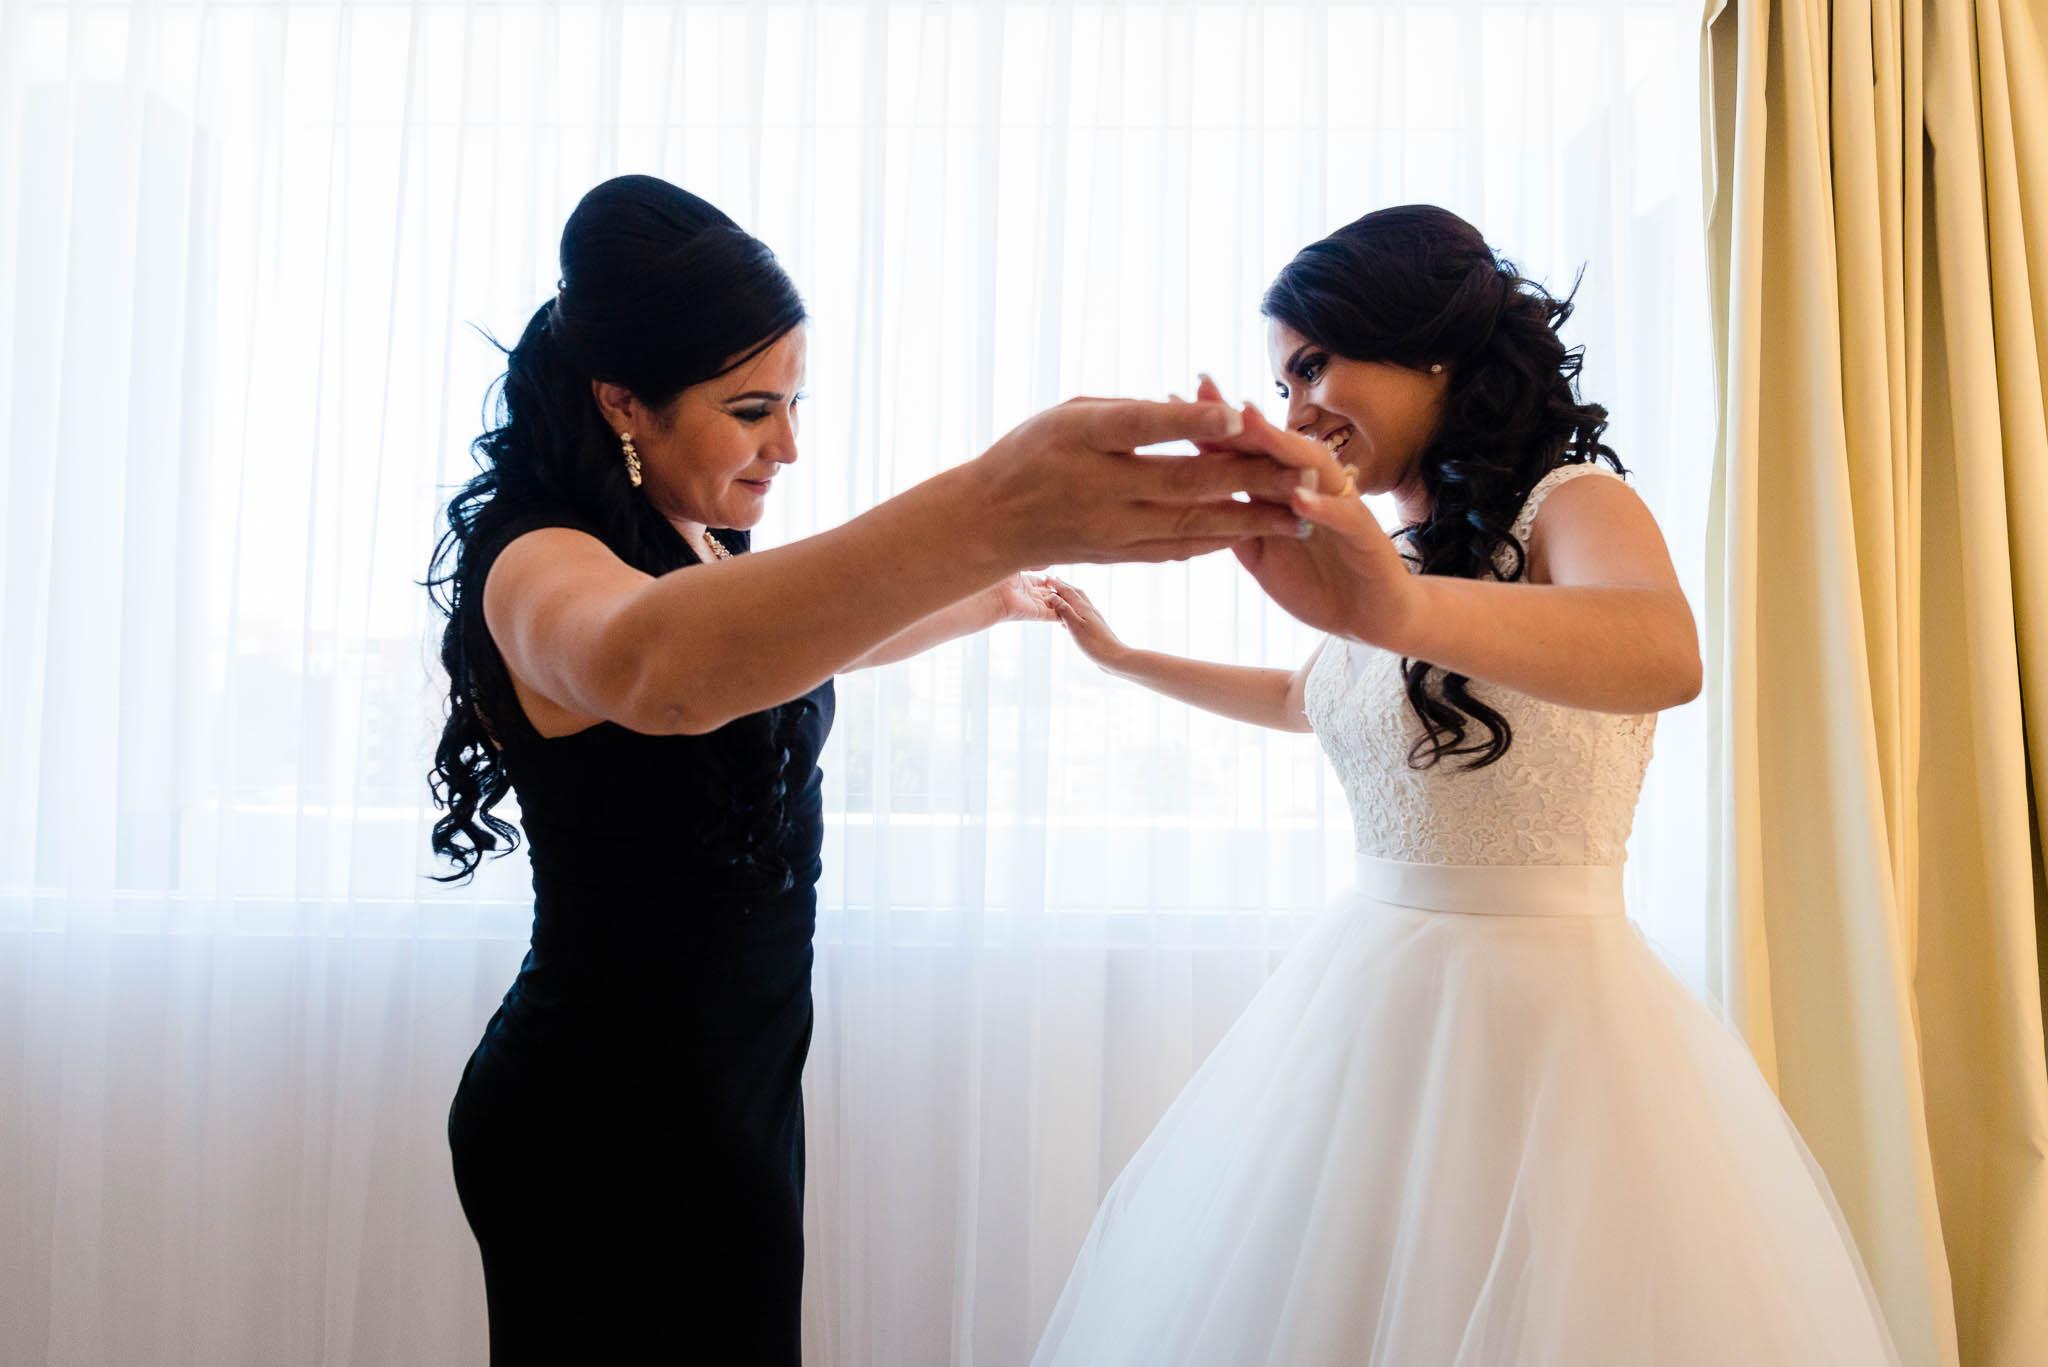 fotografo de bodas san luis potosi boda mexico wedding destination fotos de boda 47